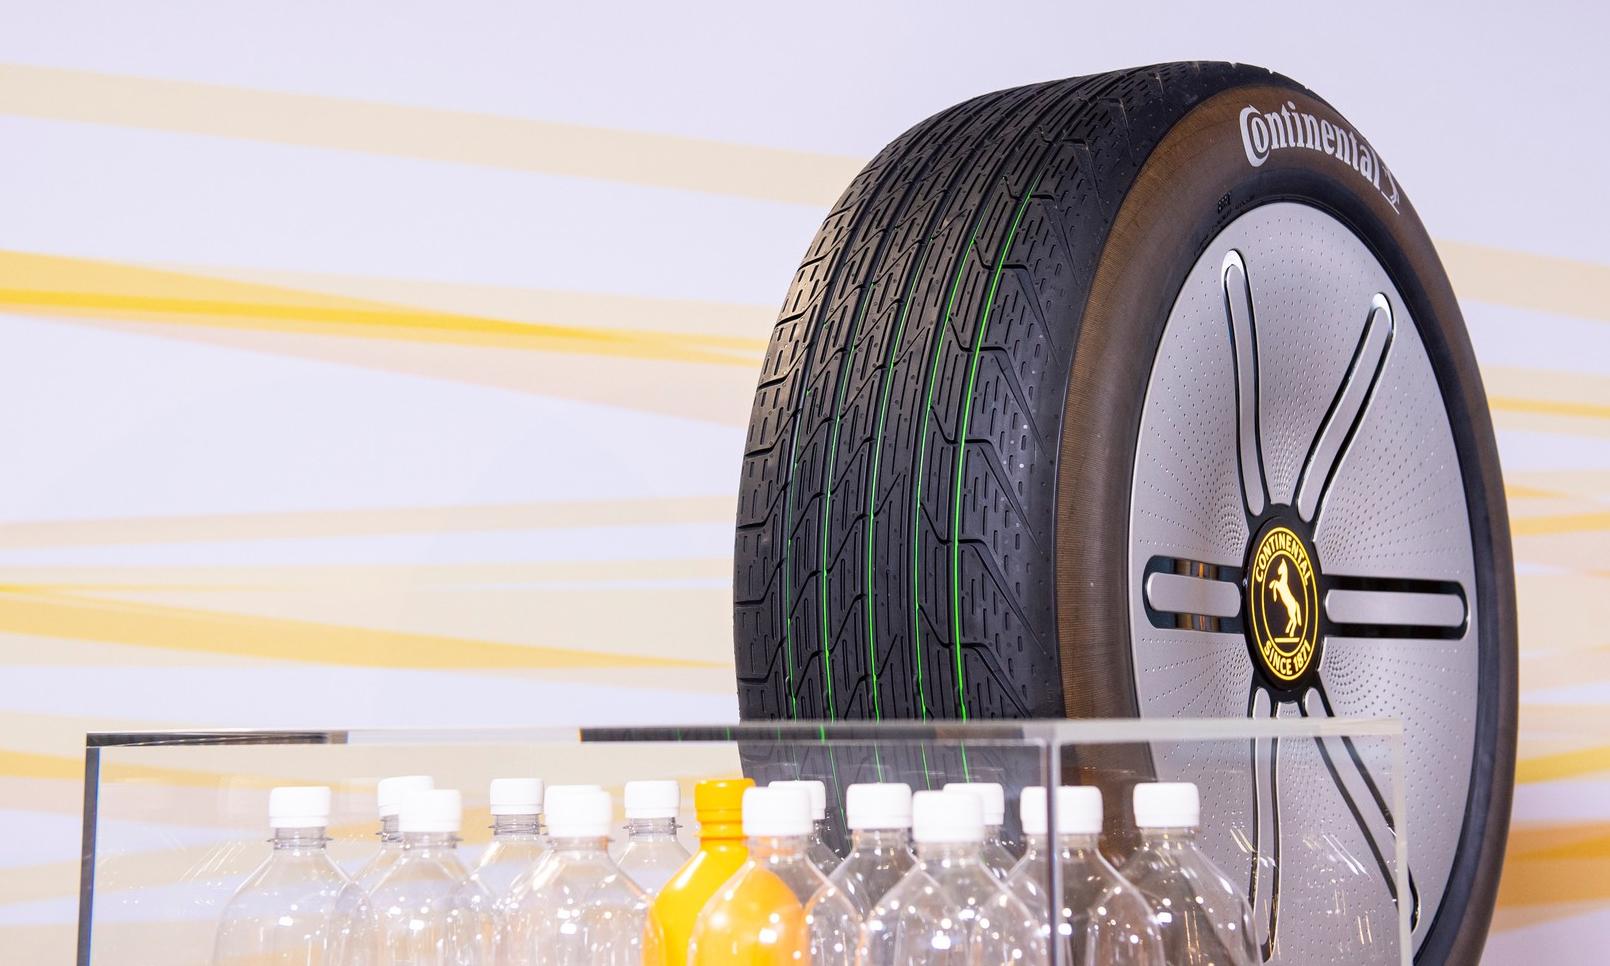 Lốp ôtô với ý tưởng làm từ chai nhựa tái chế trưng bày tại triển lãm ôtô Munich, Đức. Ảnh: Continental